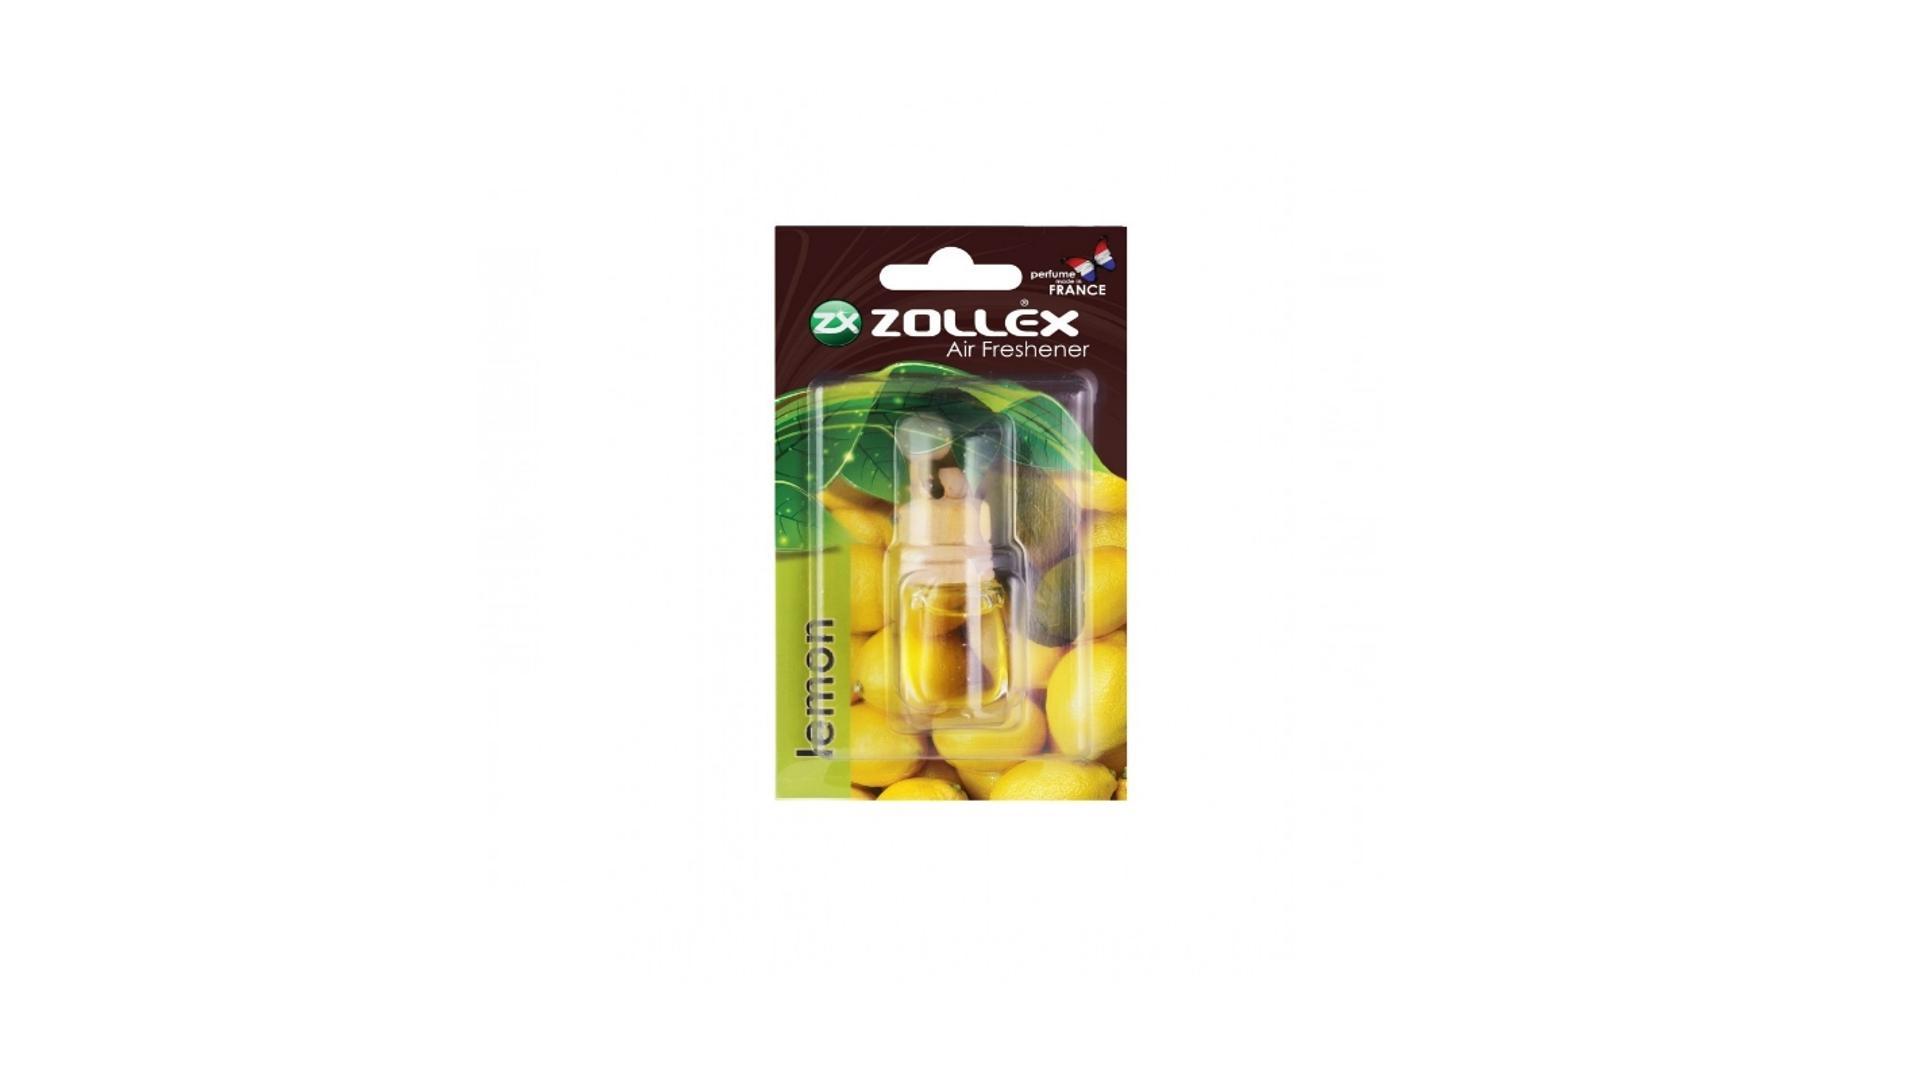 ZOLLEX Osvěžovač vzduchu - citron 8 ml (14LE)